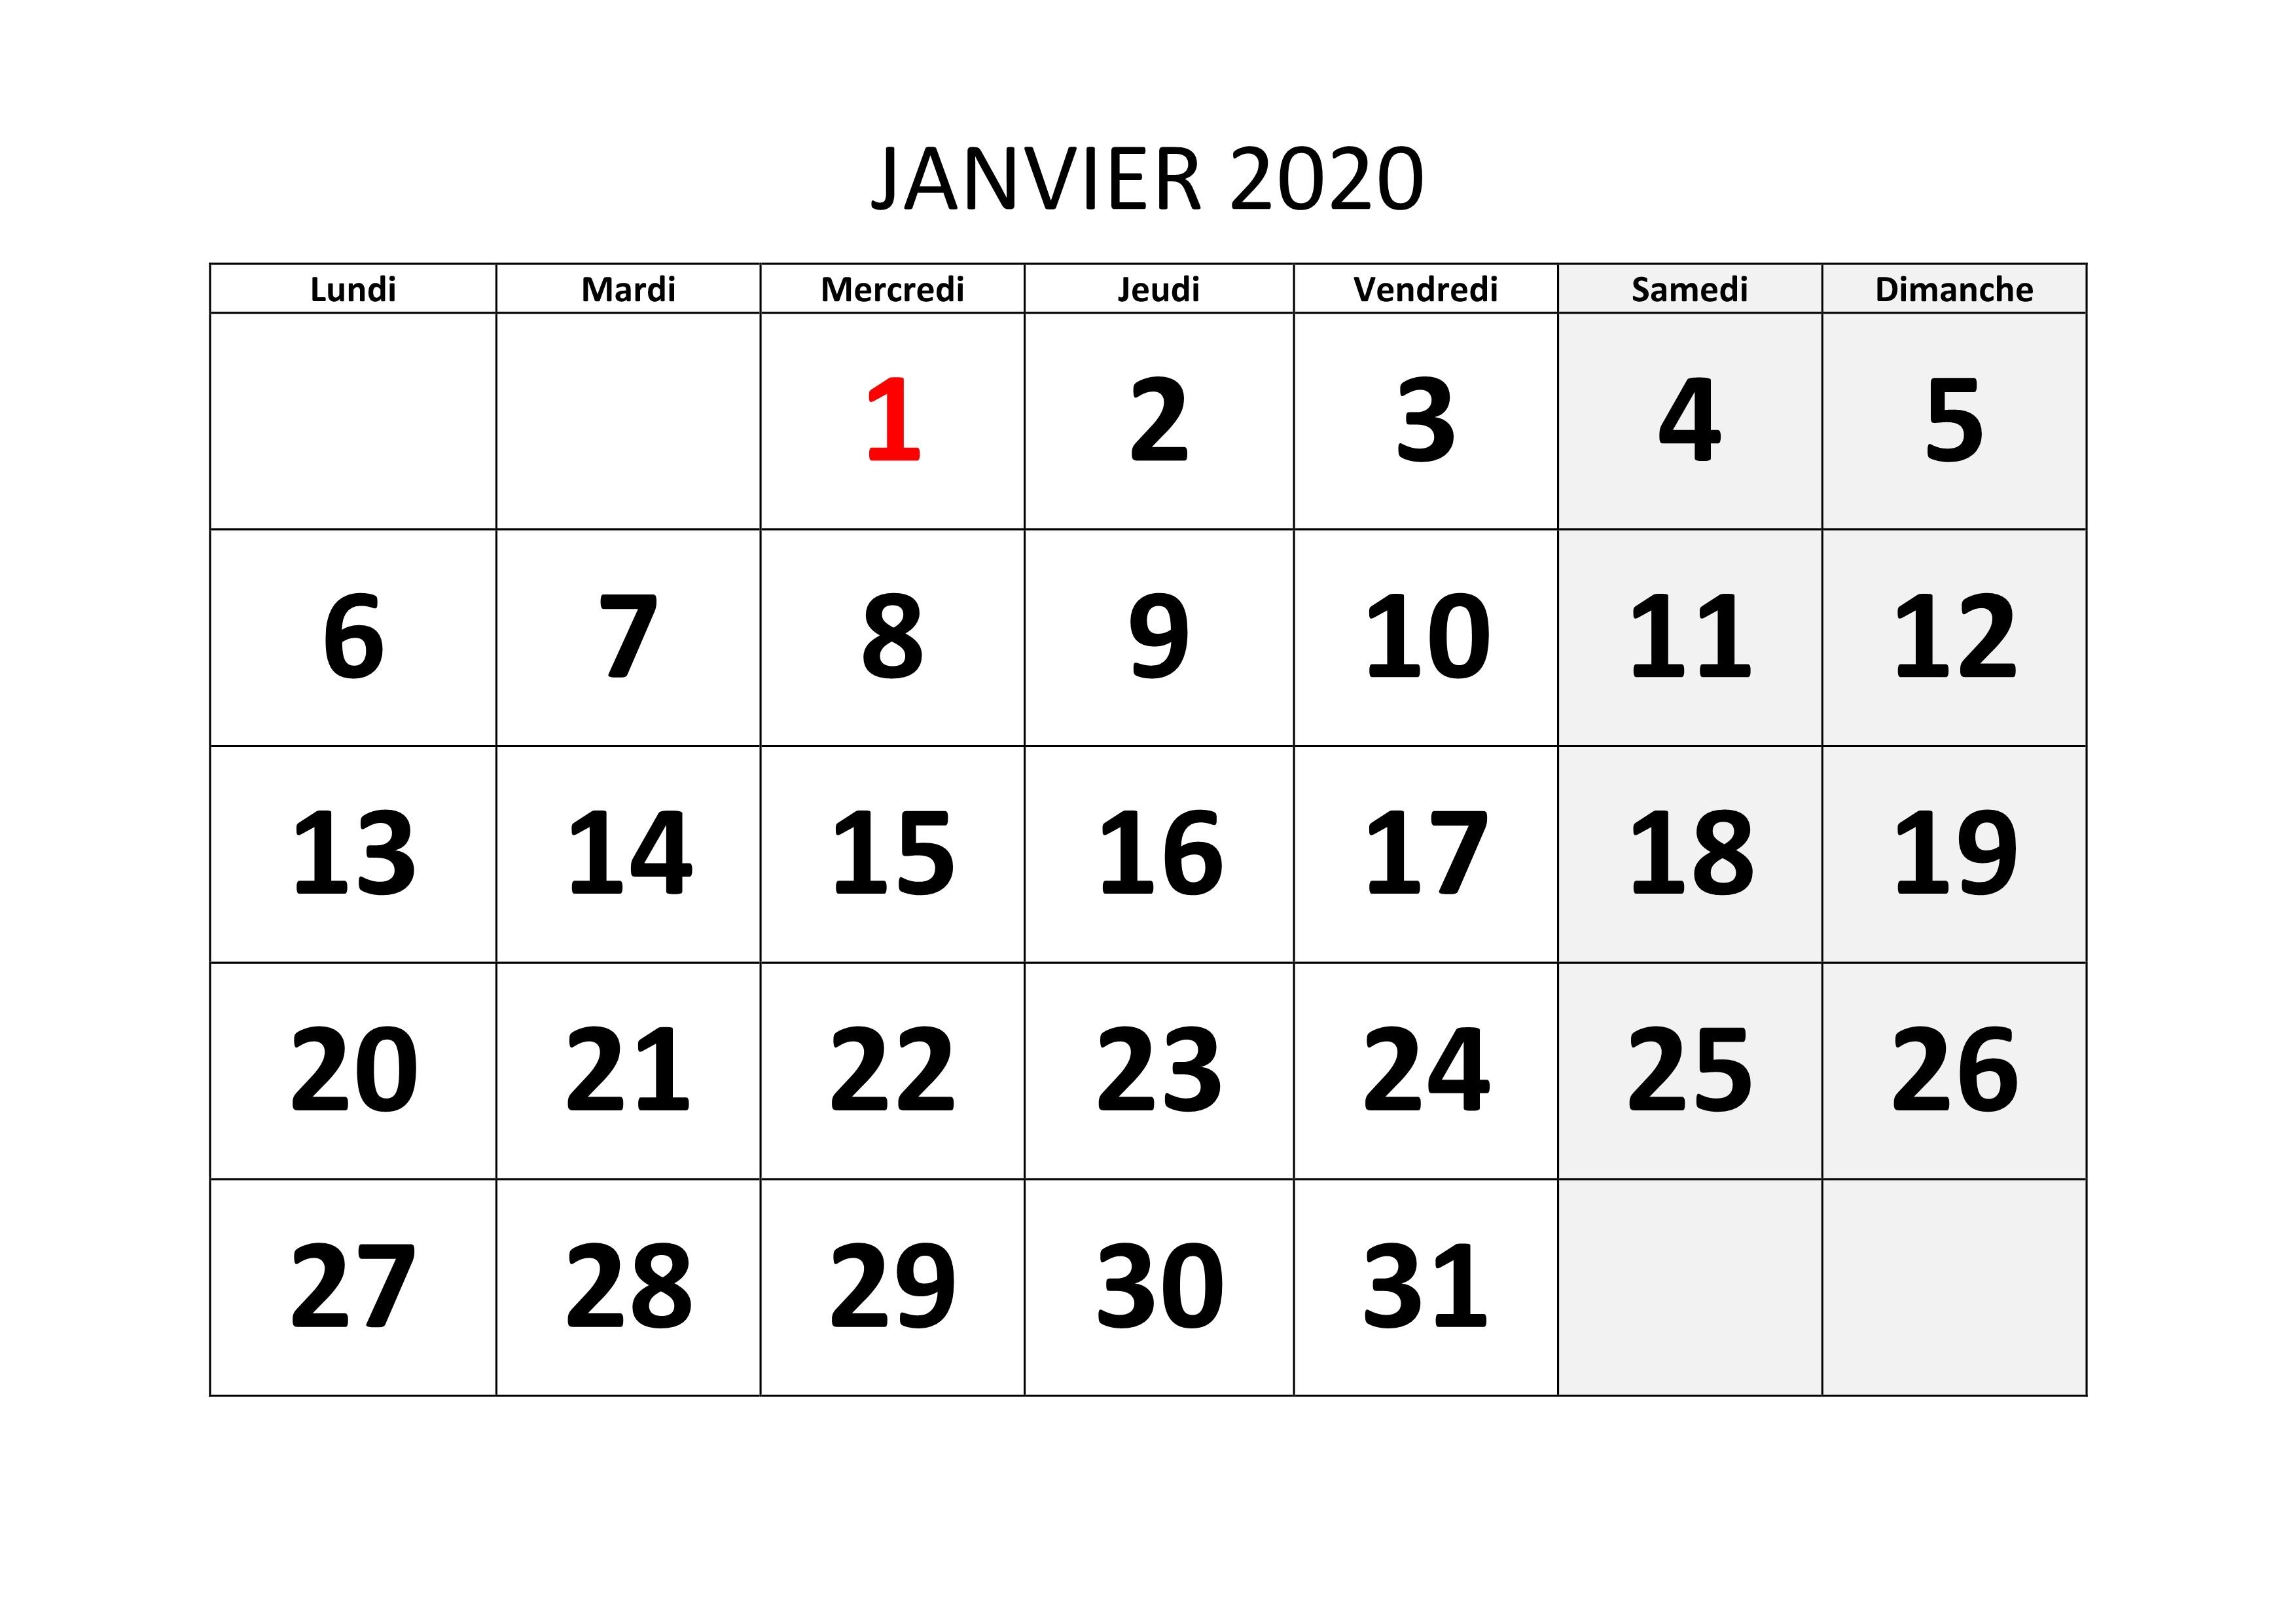 Coupe Du Monde 2020 Calendrier.Calendrier 2020 A Imprimer Pdf